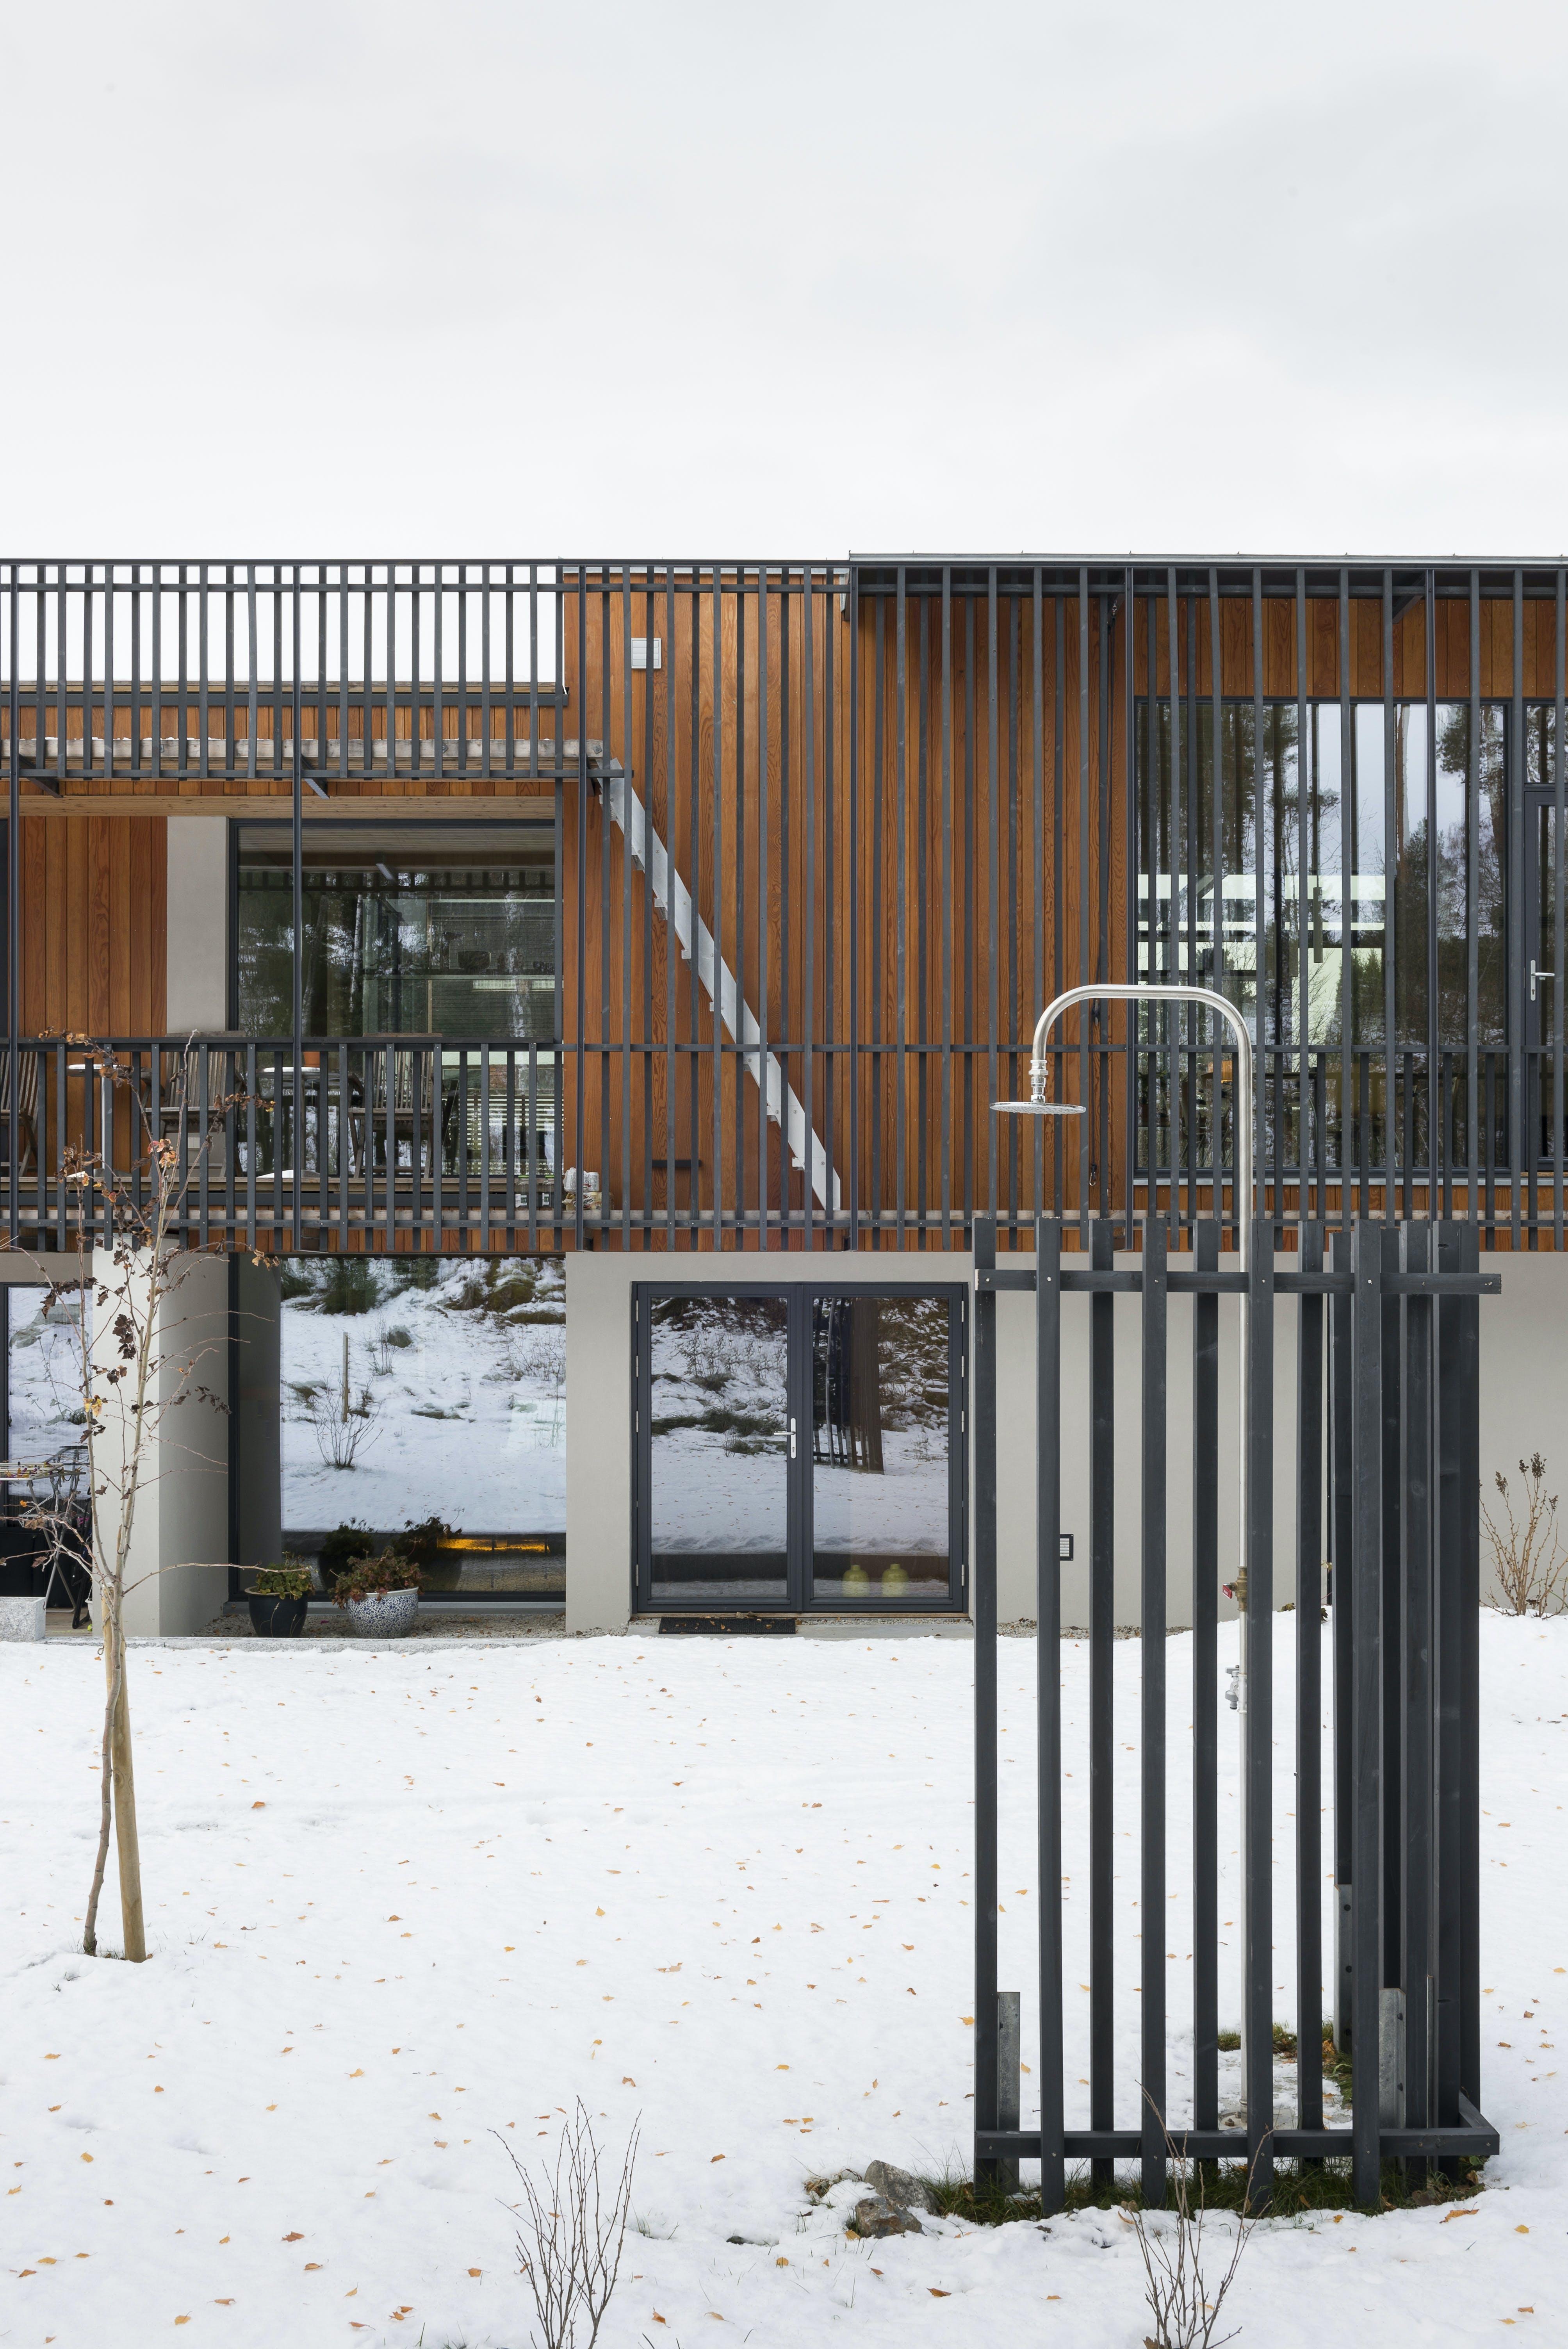 udendørsbad sne hus norge